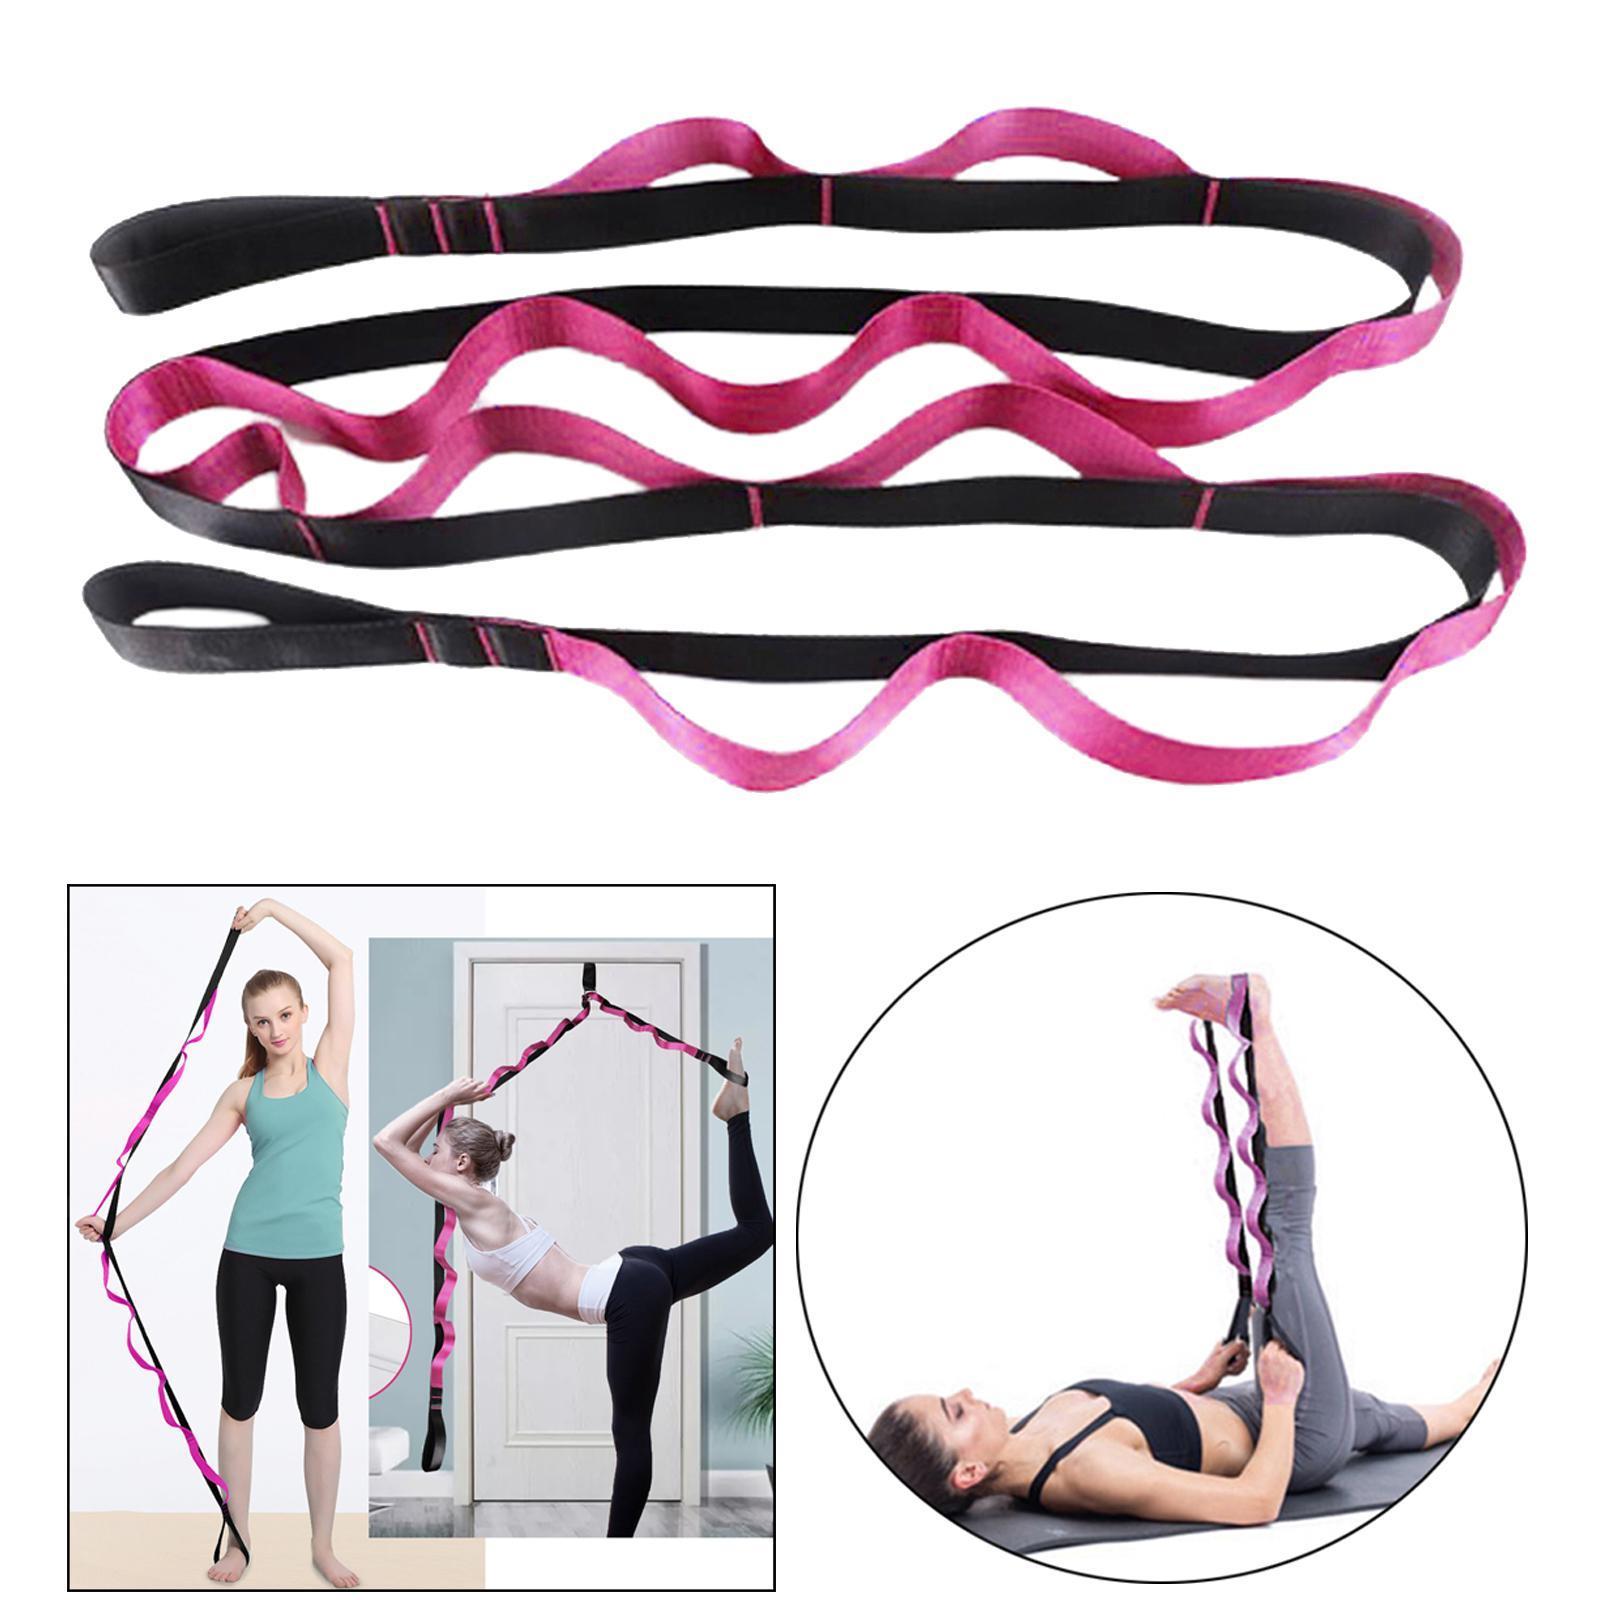 miniatura 30 - Pierna camilla yoga Stretch Strap Latin Dance Gymnastic pull cinturón flexibilidad